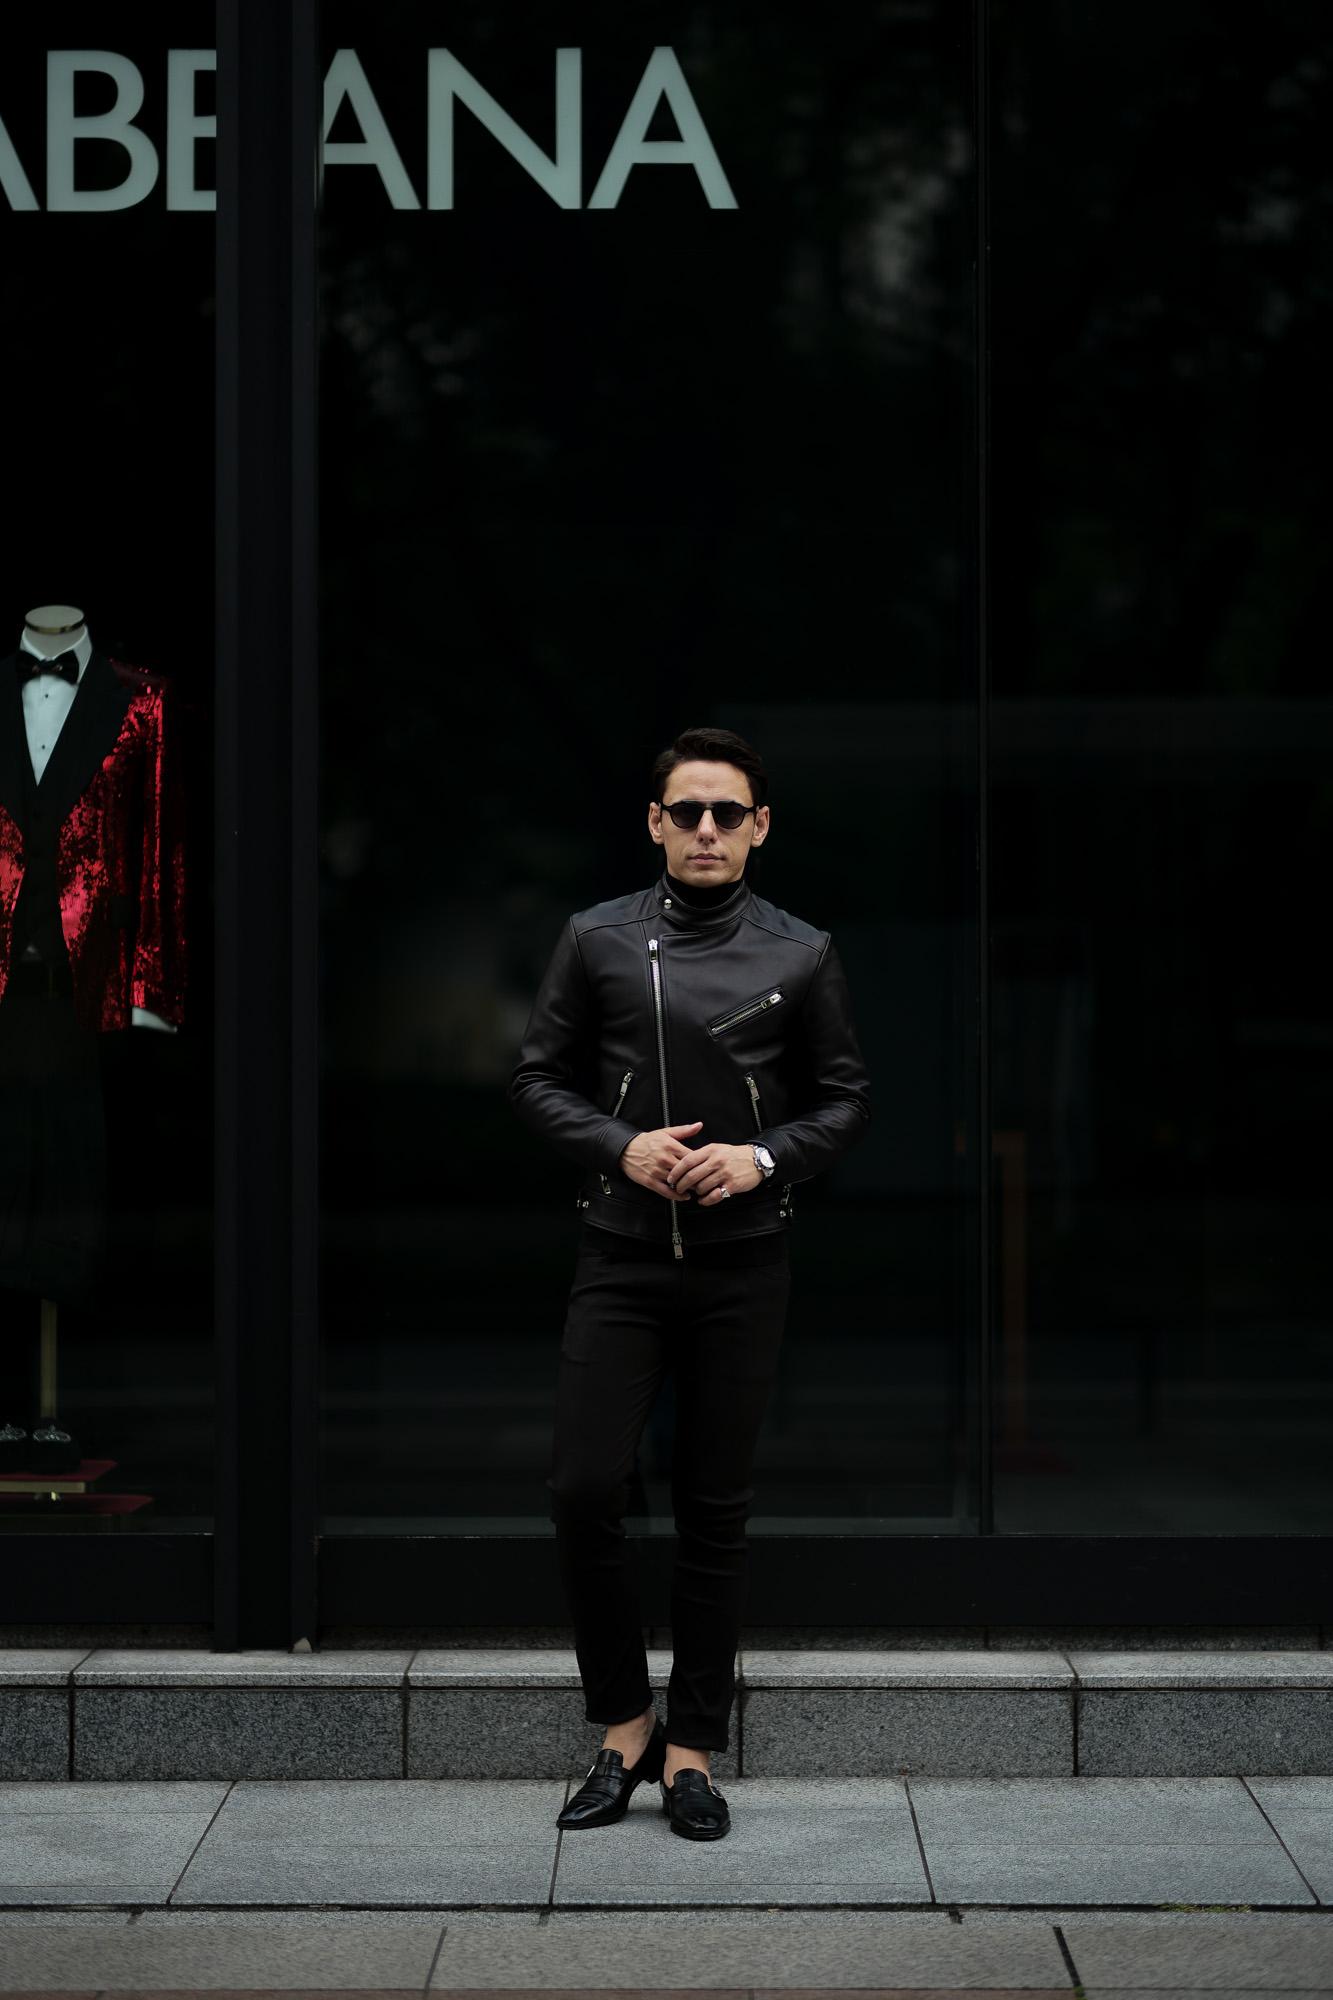 """FIXER(フィクサー) F1(エフワン) DOUBLE RIDERS Cow Leather ダブルライダース ジャケット BLACK(ブラック) 【ご予約開始】【2020.7.18(Sat)~2020.8.02(Sun)】 愛知 名古屋 altoediritto アルトエデリット ライダースコーデ レザージャケット レザーコーデ"""""""